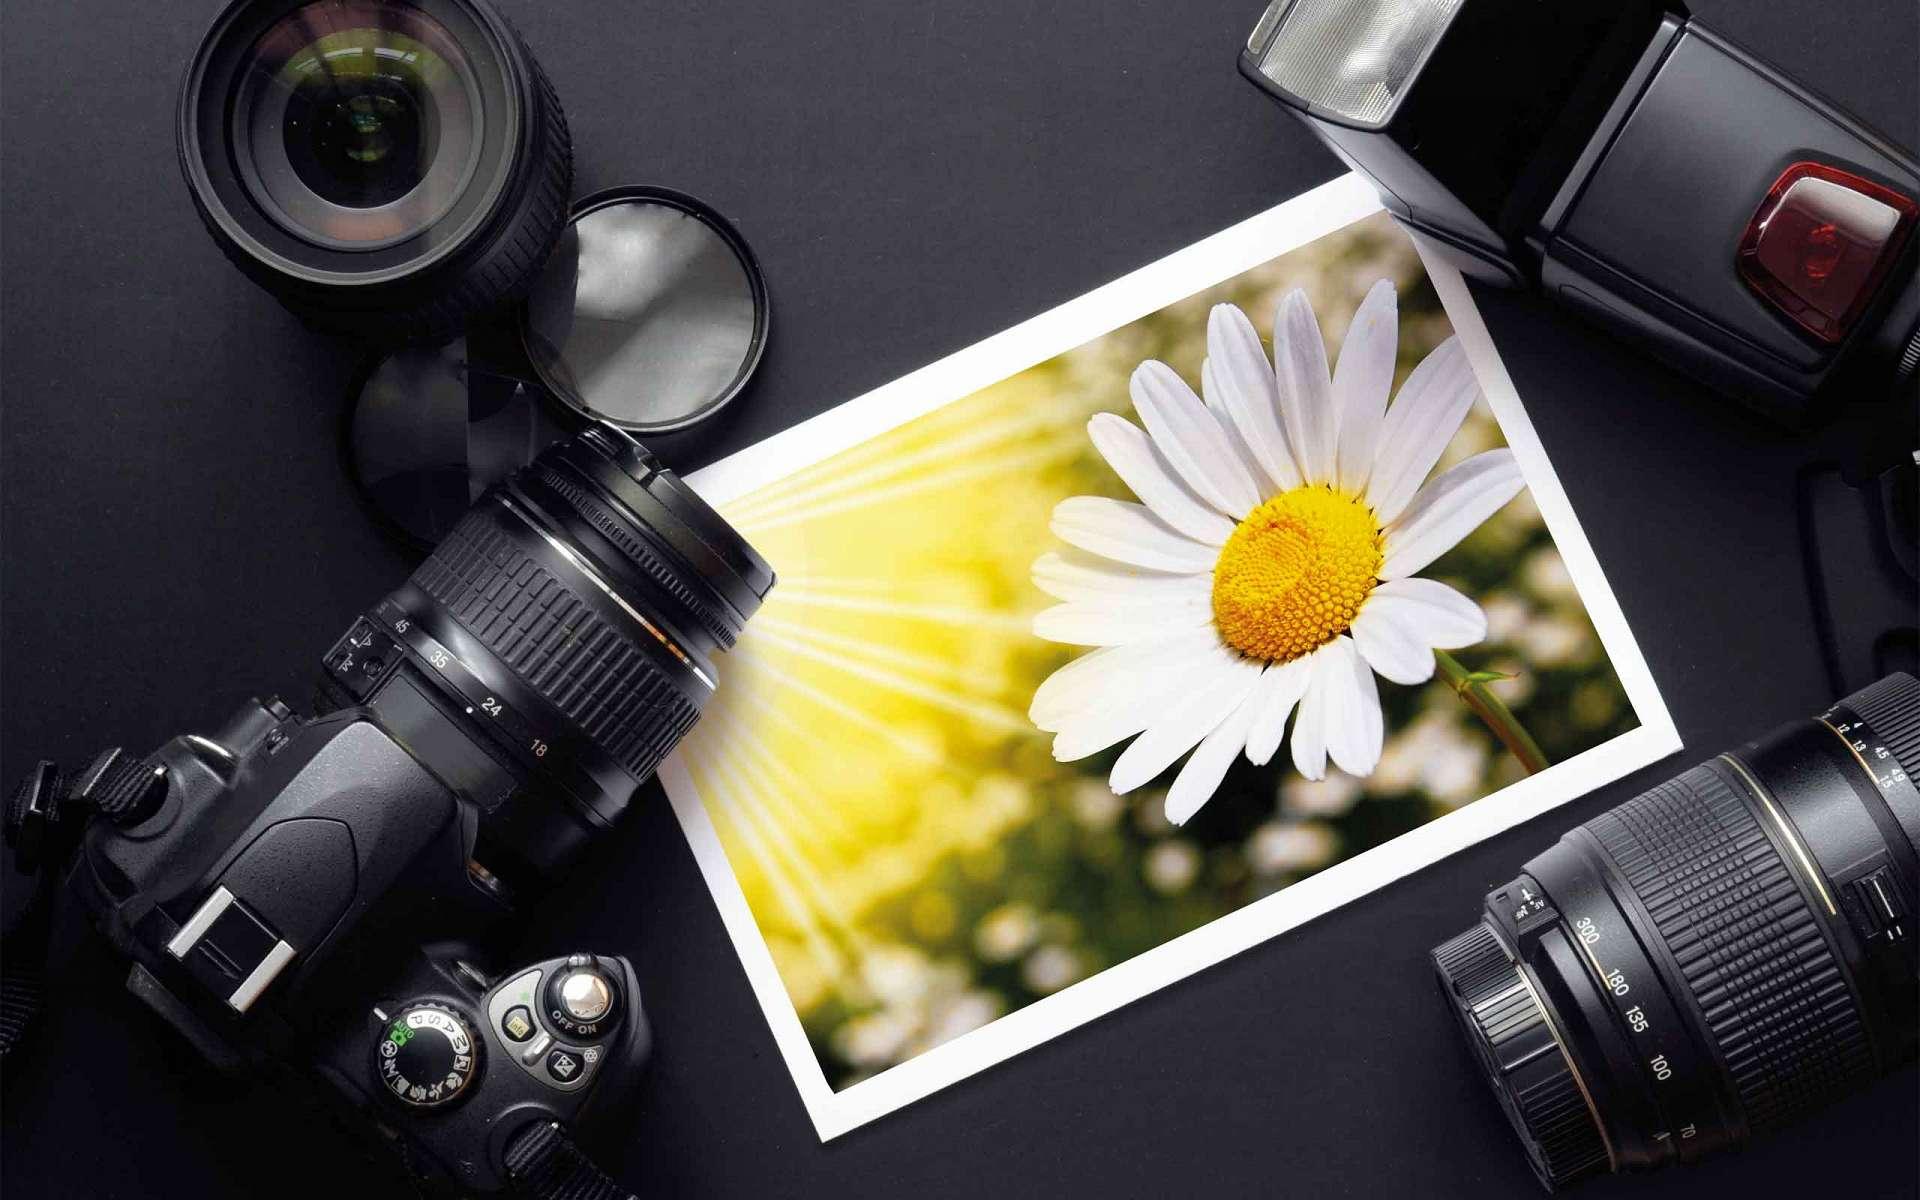 Как сделать качественный снимок на цифровом фотоаппарате